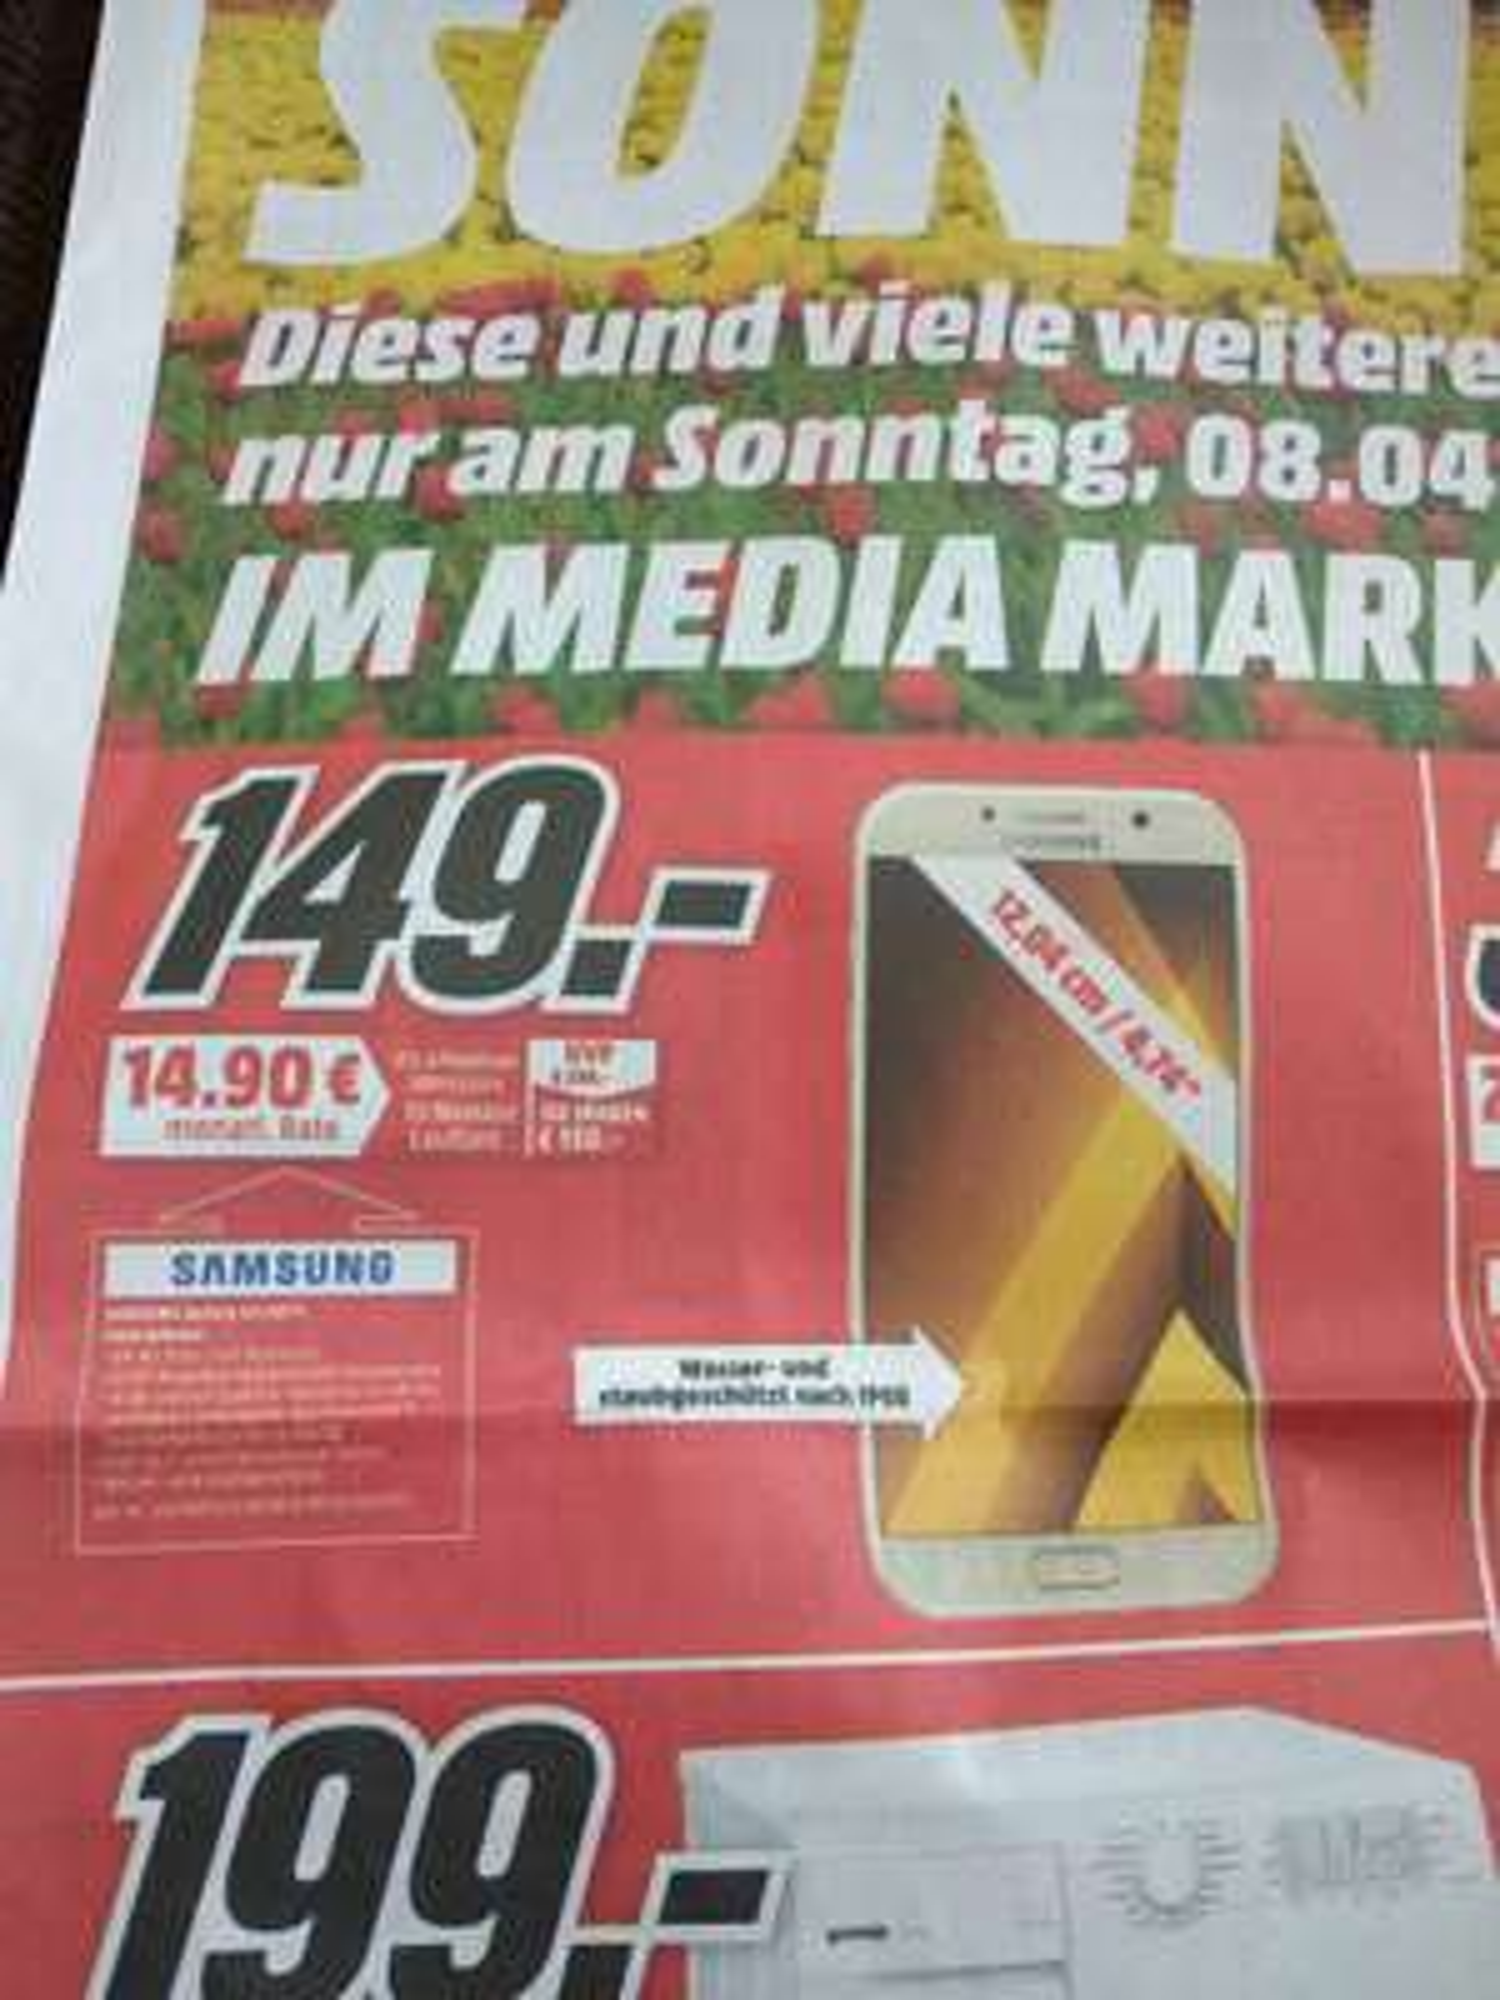 LOKAL Worms Media Markt Galaxy A3